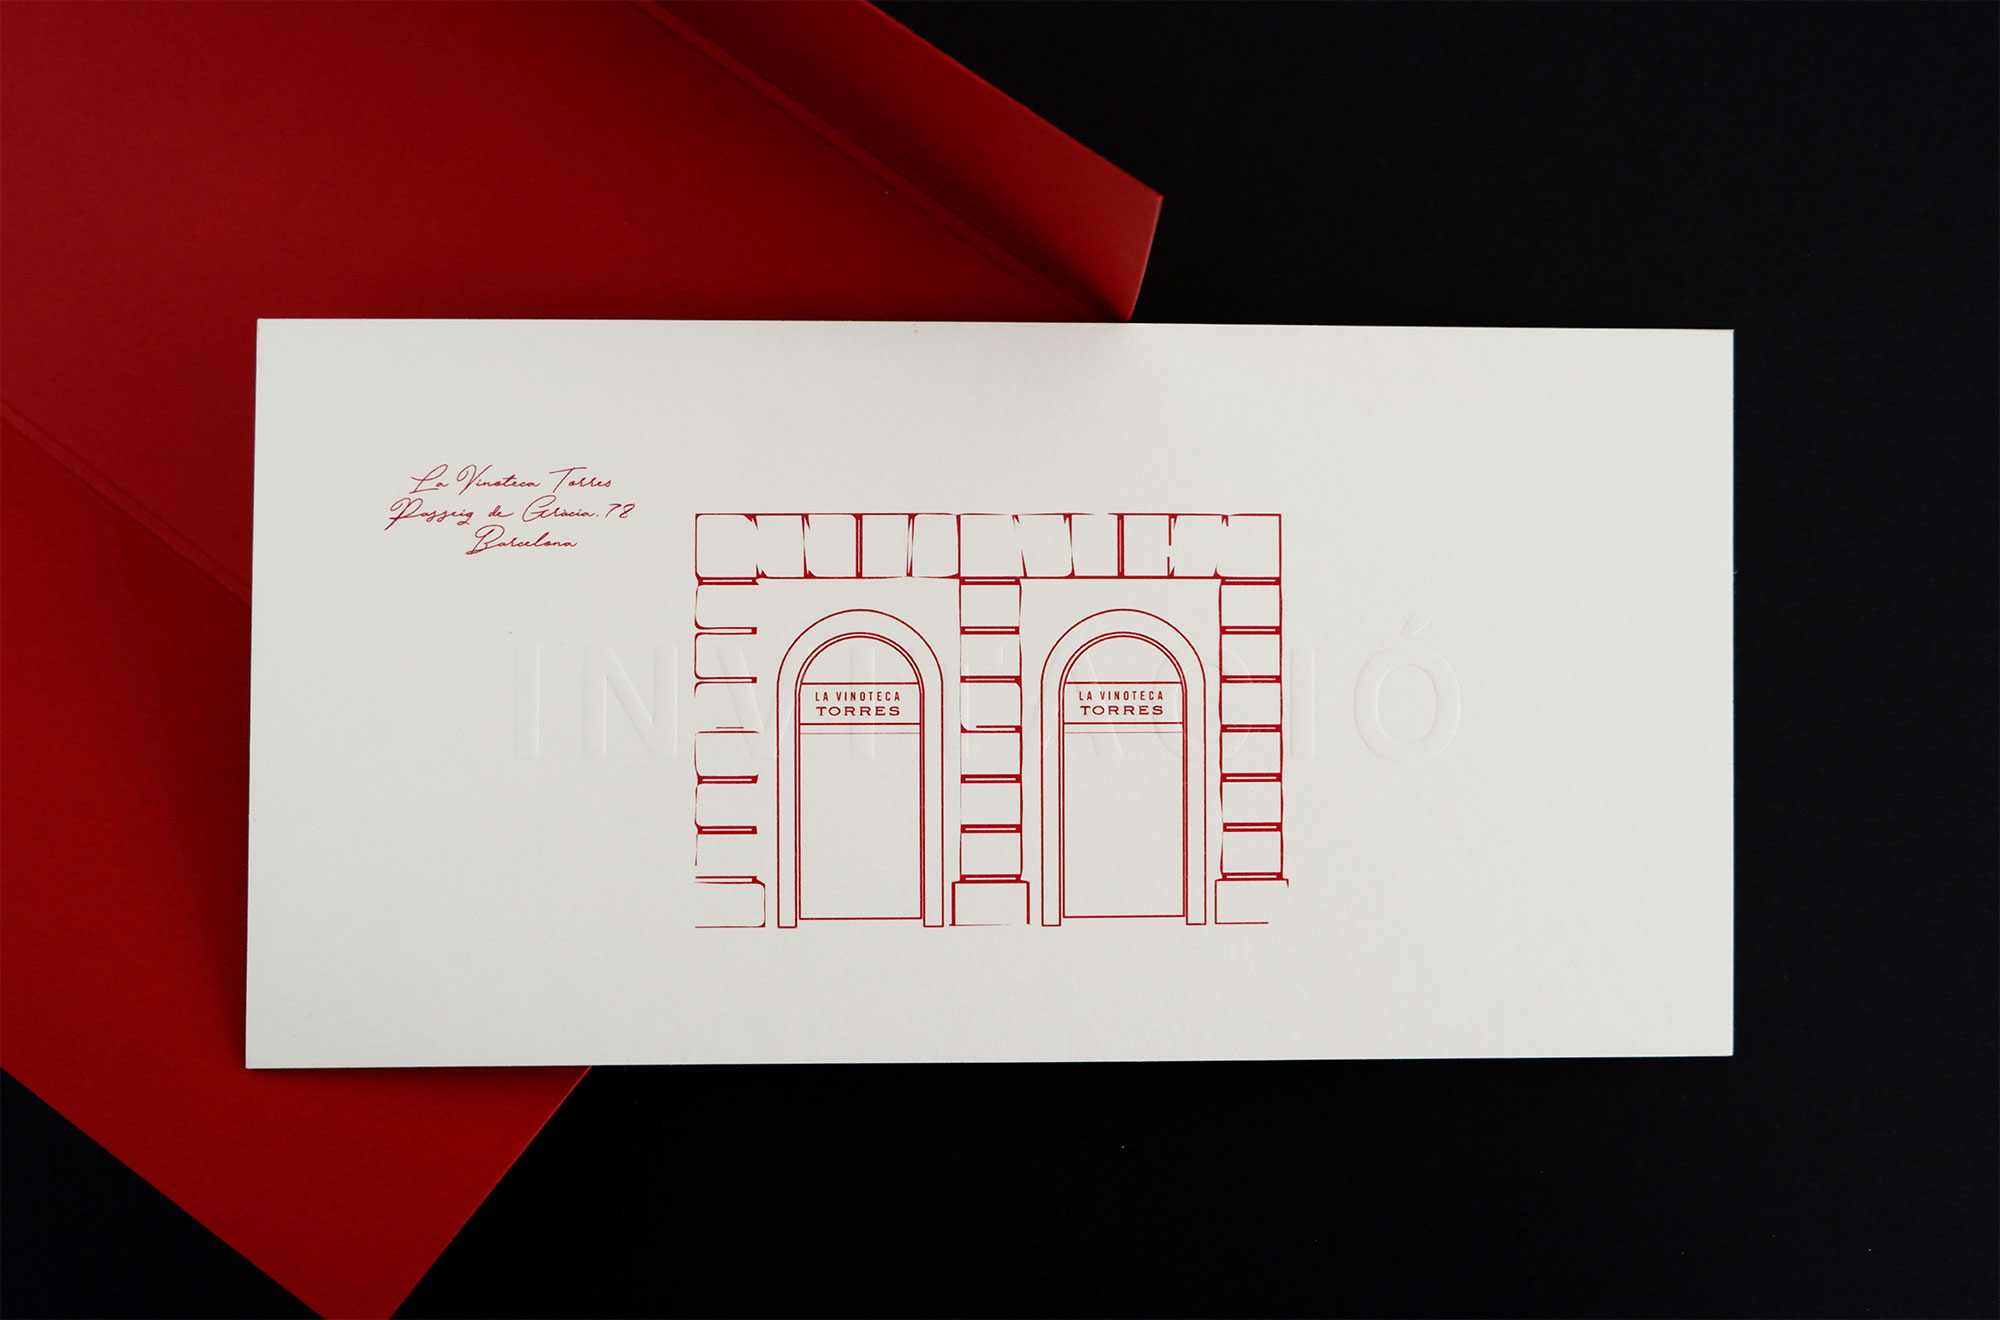 vinostorres-diseñografico-agencia-barcelona-4